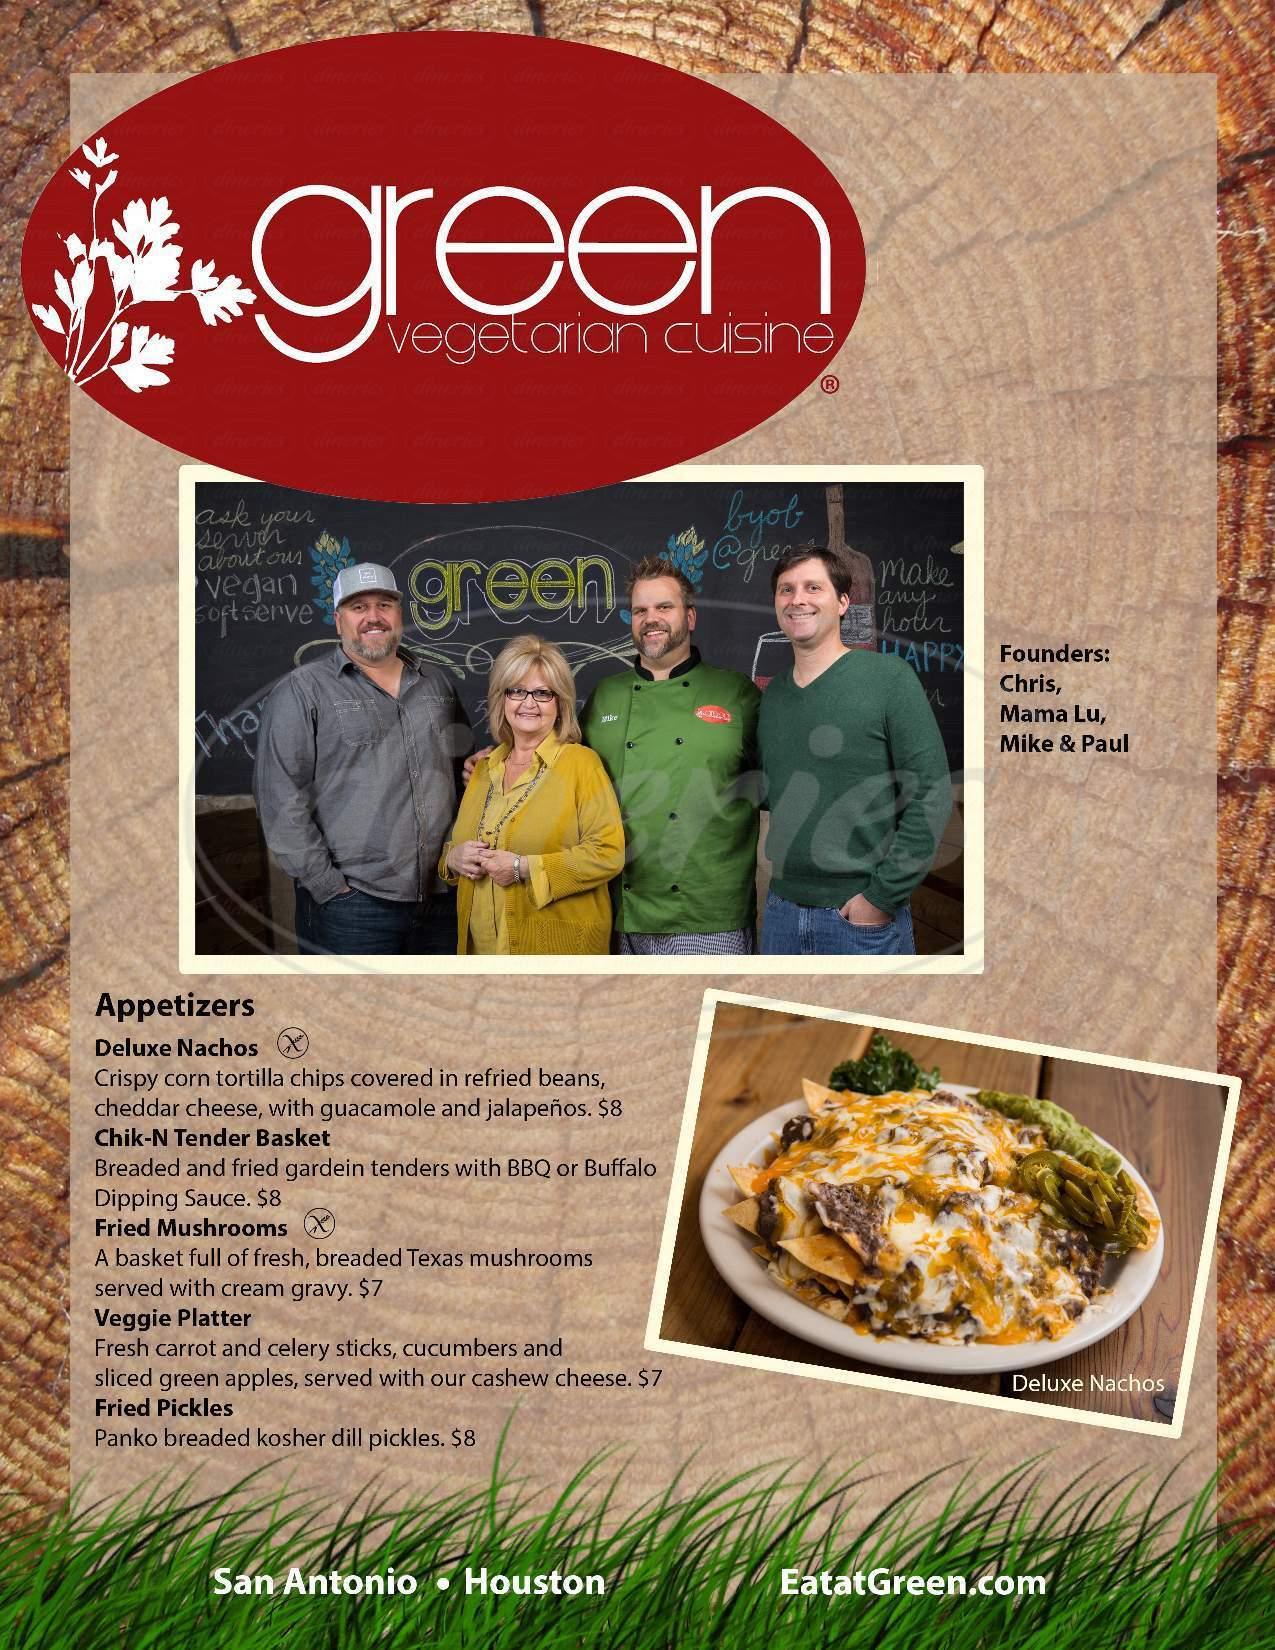 menu for Green Vegetarian Cuisine at Pearl Brewery